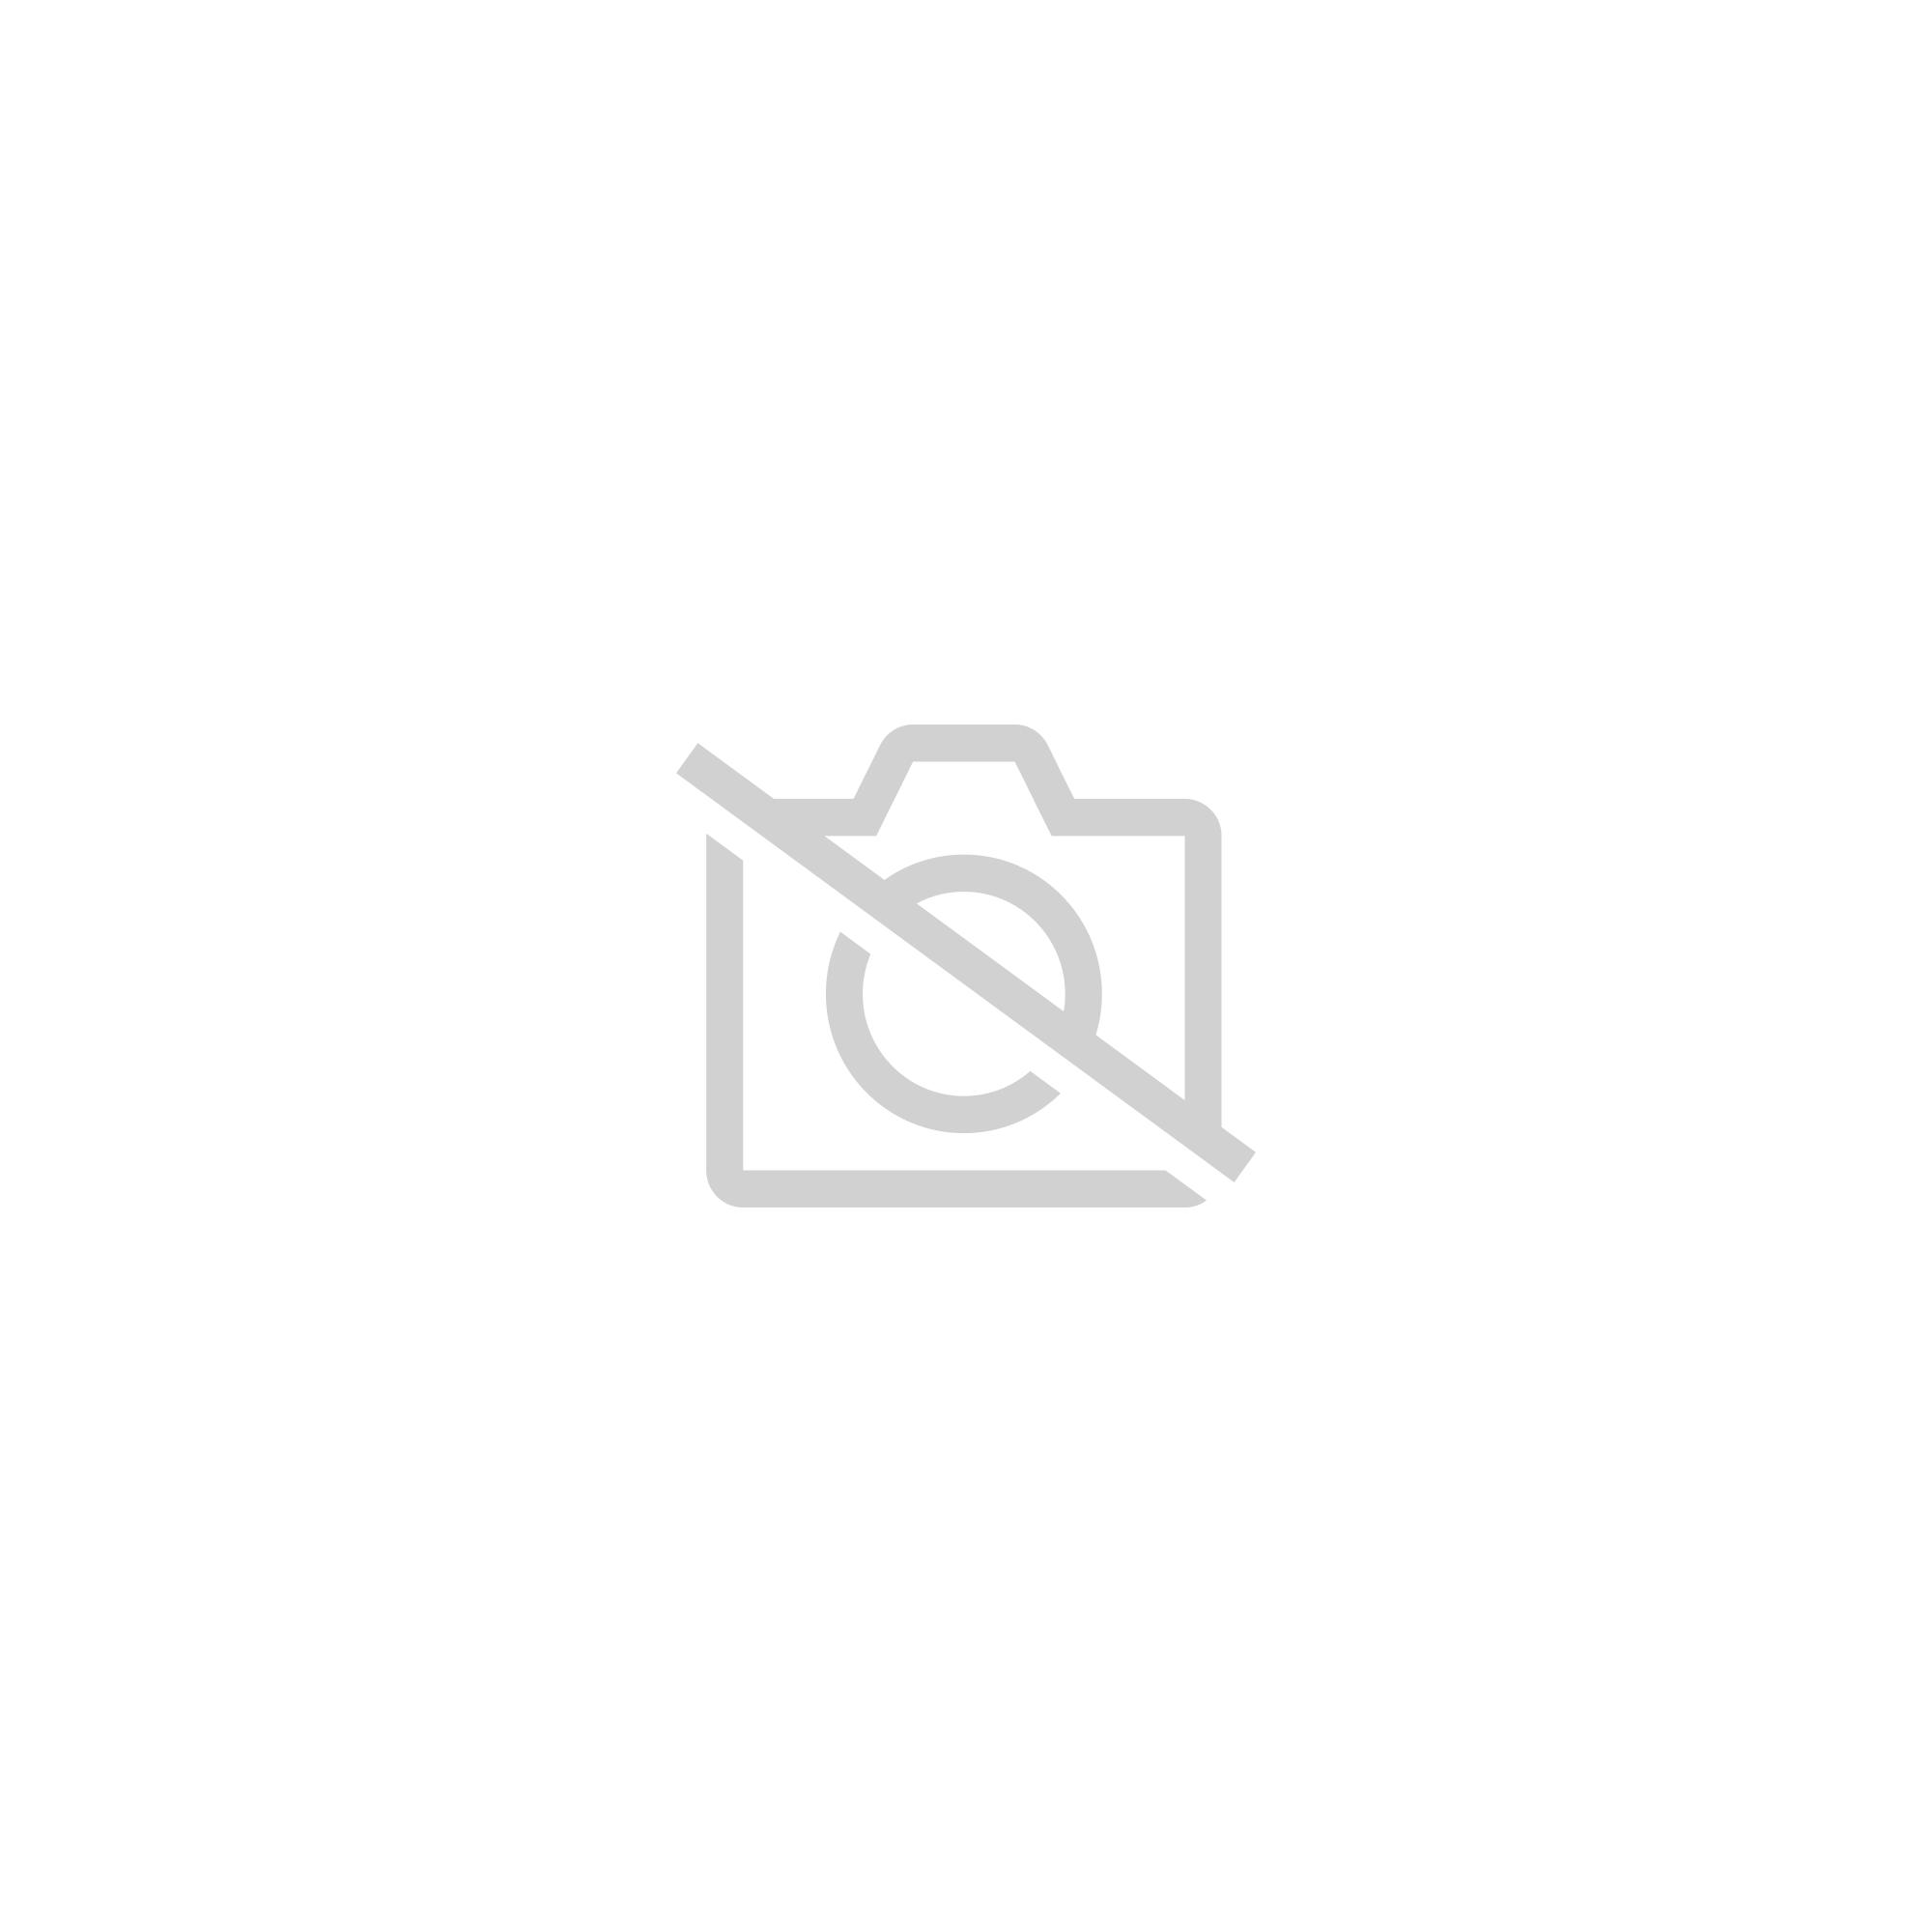 Lanterne Boule Solaire Vert Ecologique Crochet 30cm Neuf